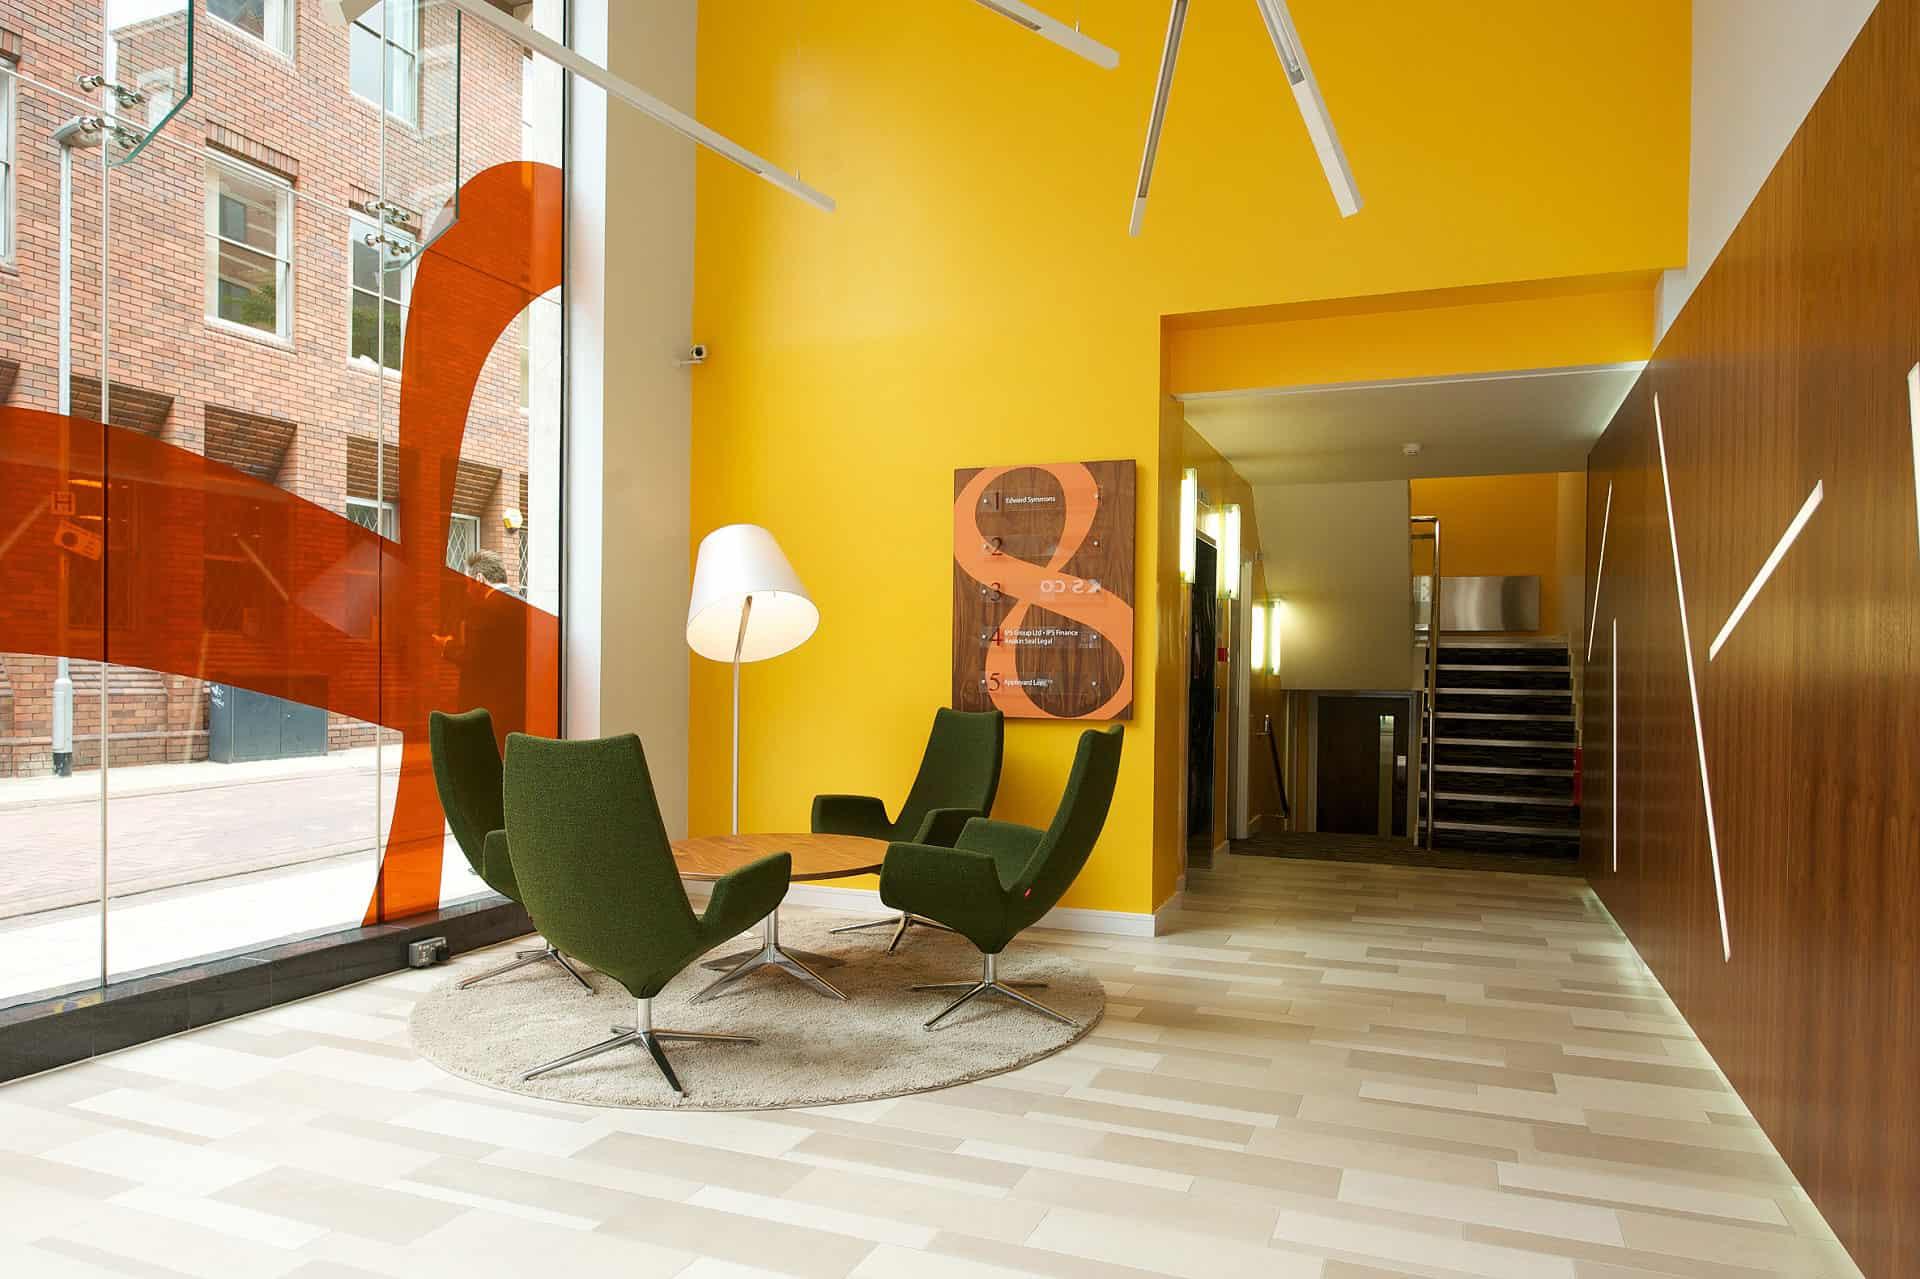 mobilier salle d'attente à Caen (Calvados-14) en Normandie - LOW Table basse et fauteuils design